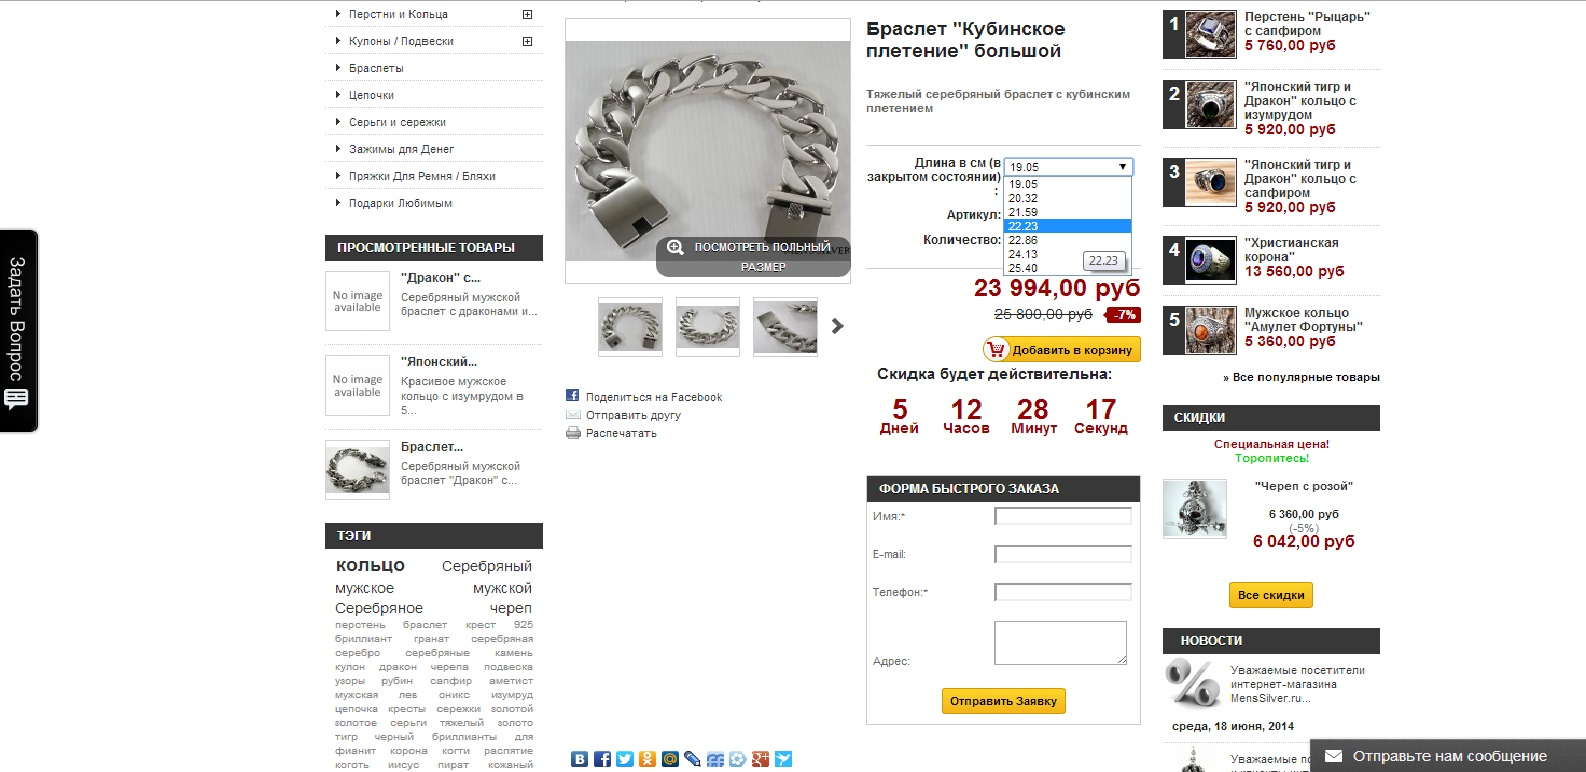 Заказать серебряные мужские браслеты кольца цепочки перстни